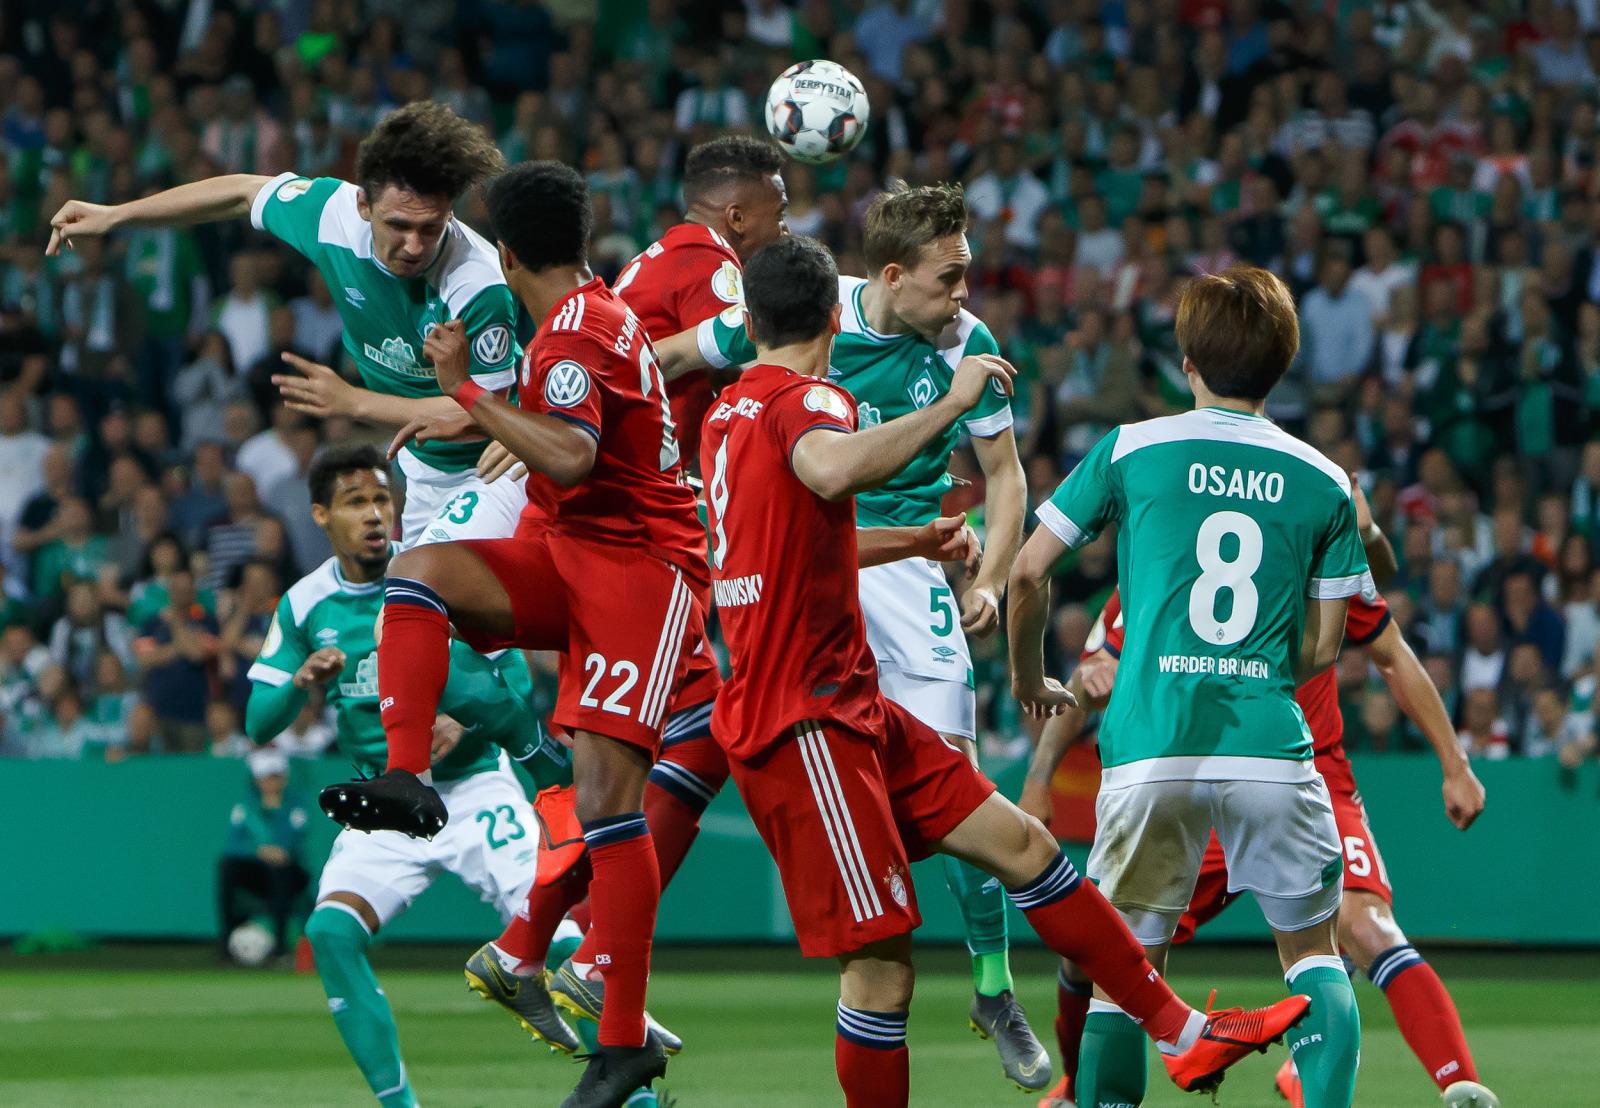 Werder Bremen Bayern MГјnchen